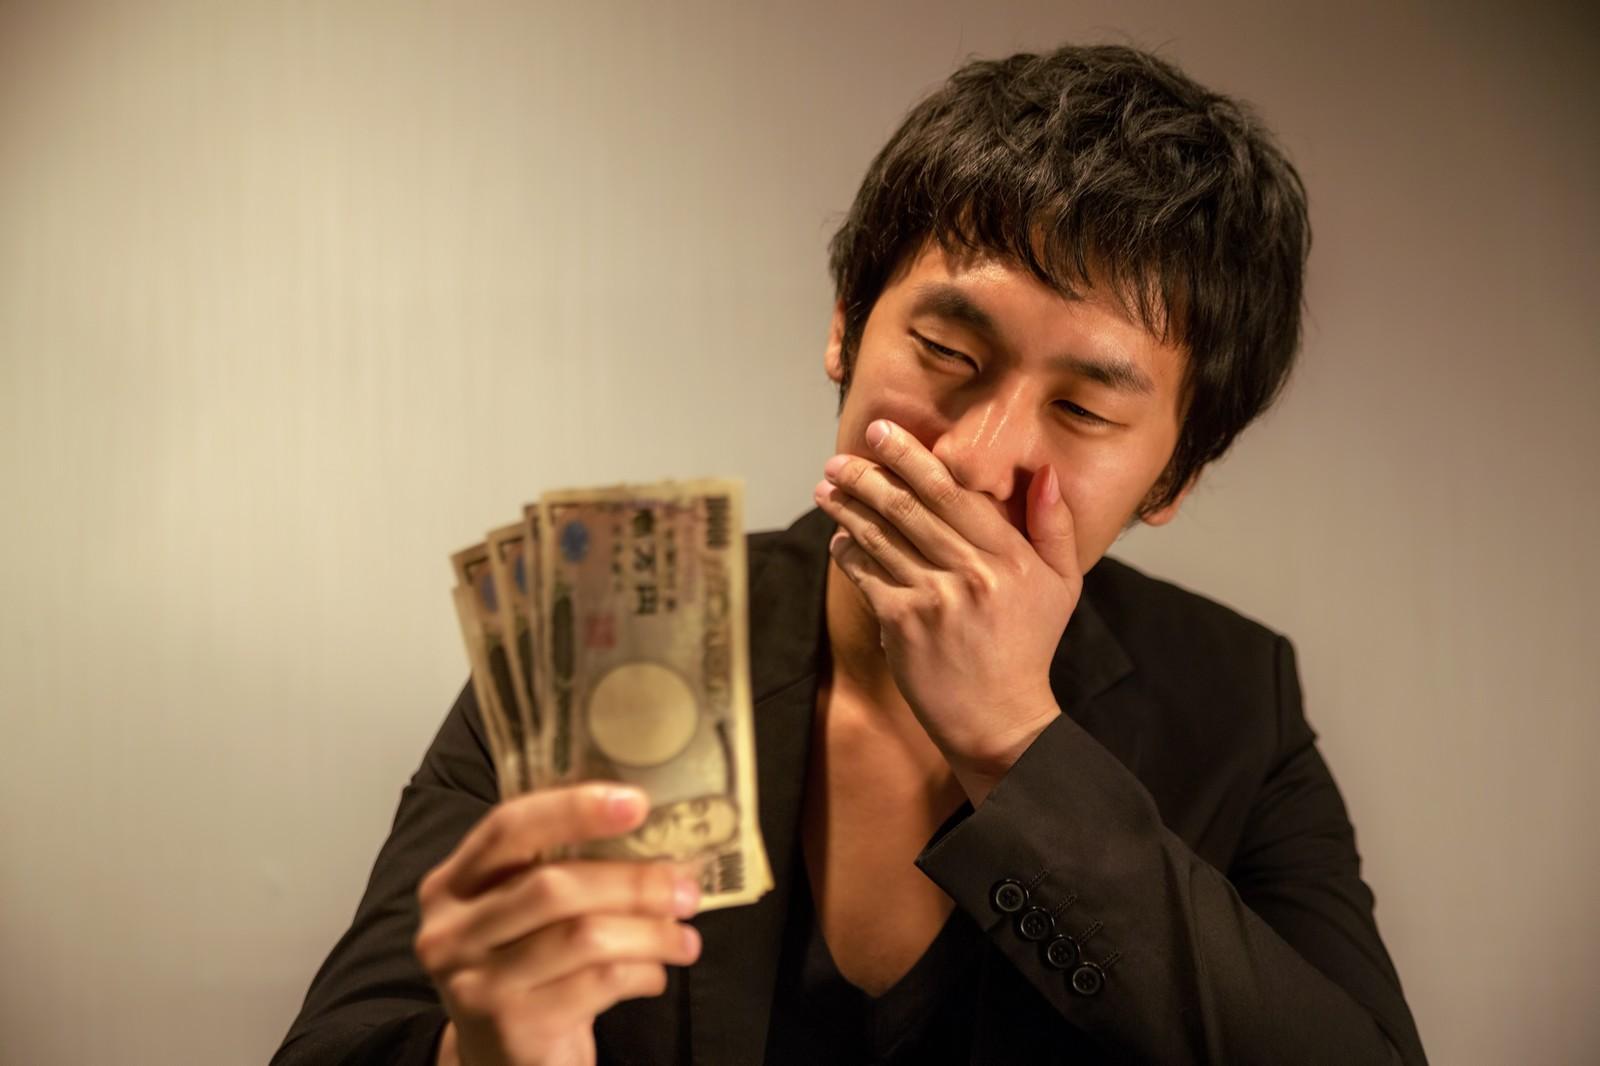 ヤミ金から借りた金で喜ぶ男性